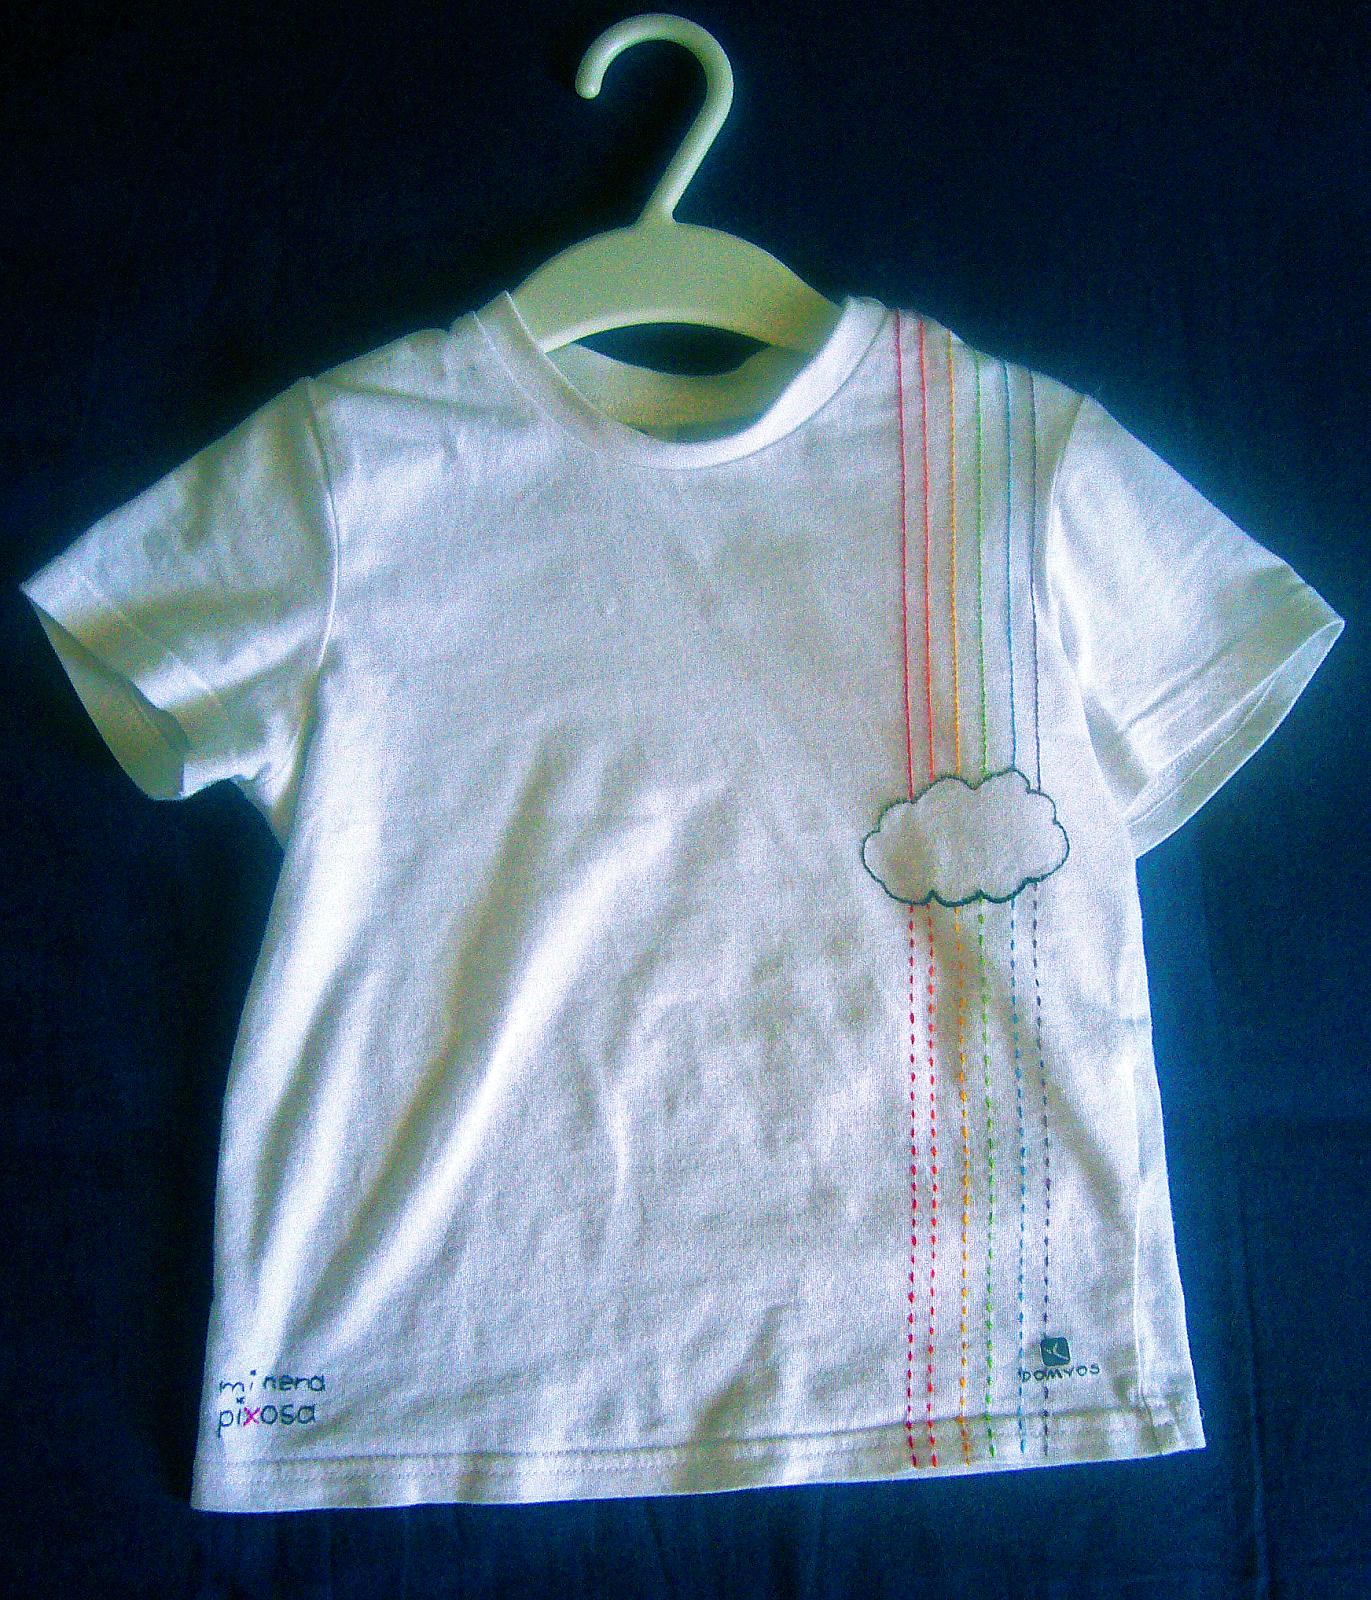 camiseta con bordado de lluvia arcoiris